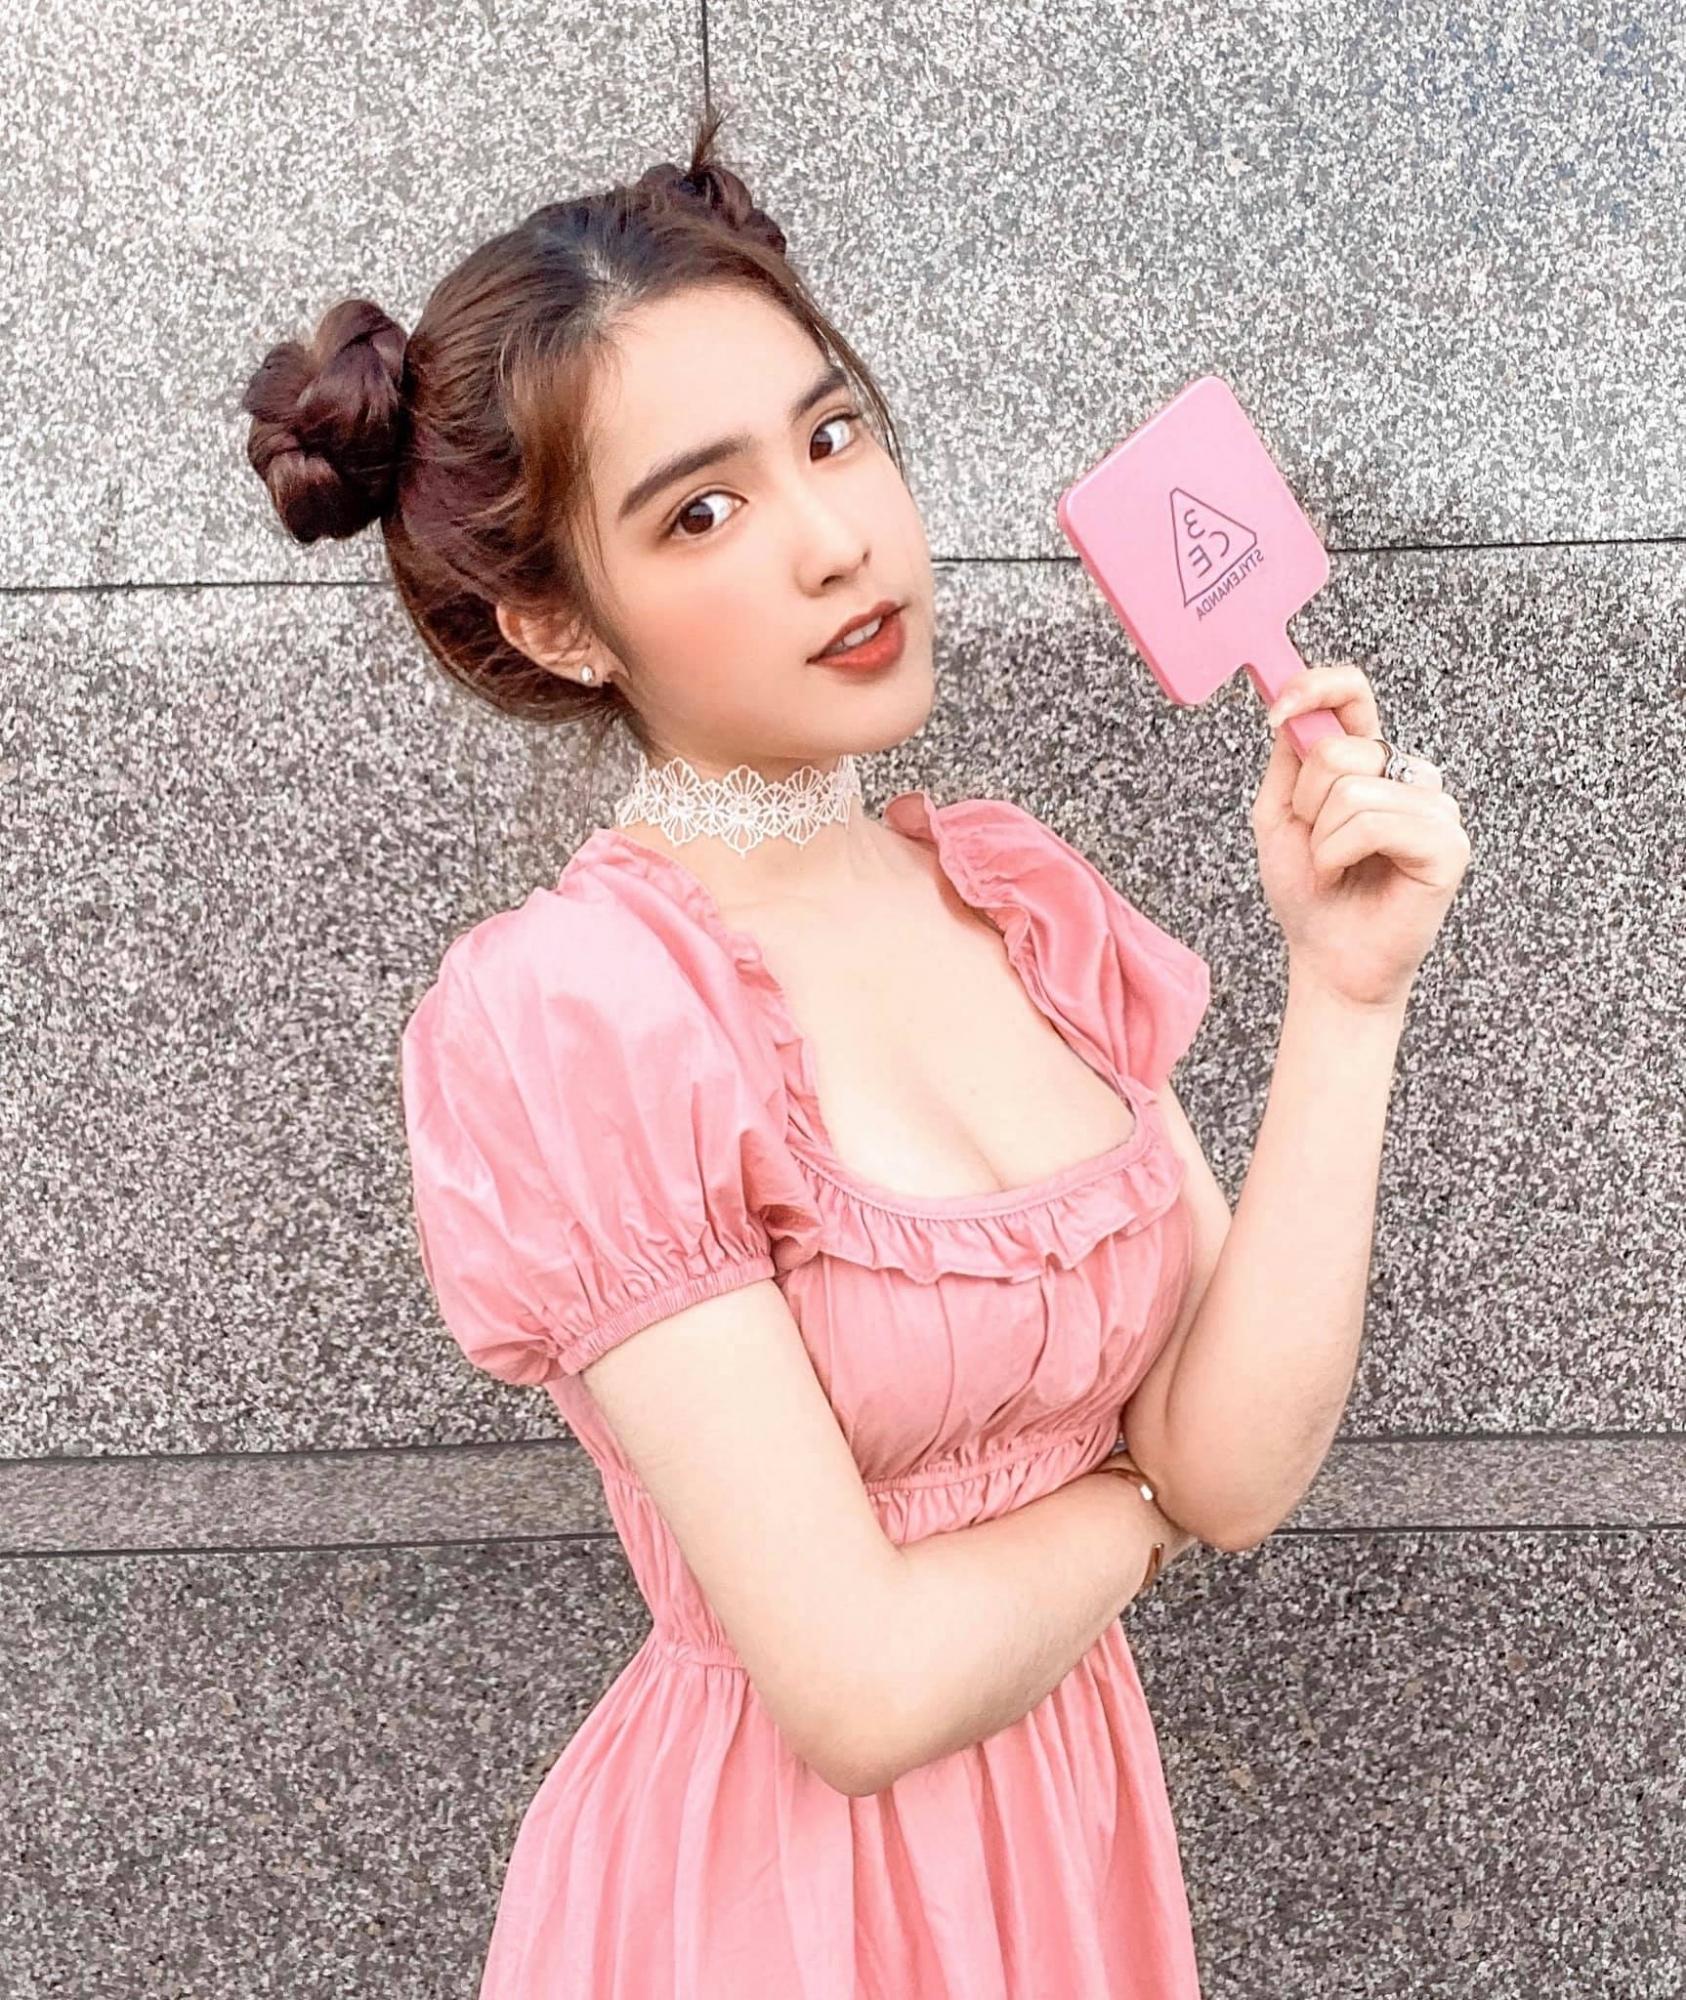 越南美少女「DOANGHI」雪肤嫩肤展现性感清纯的18岁_玩赚生活网www.playzuan.com